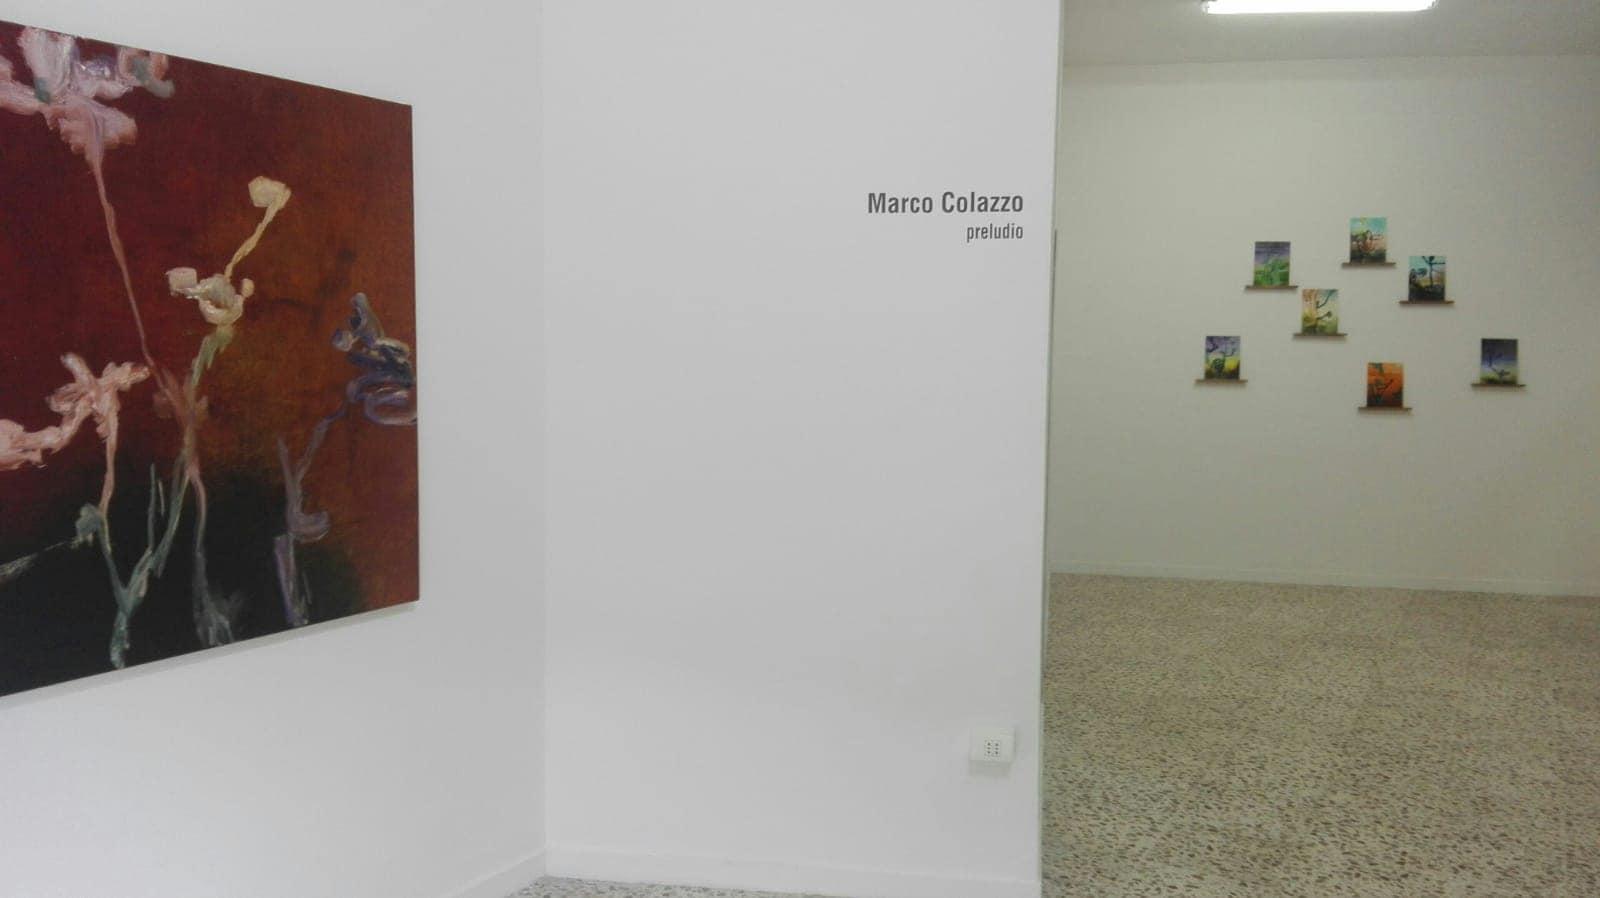 Marco Colazzo Preludio